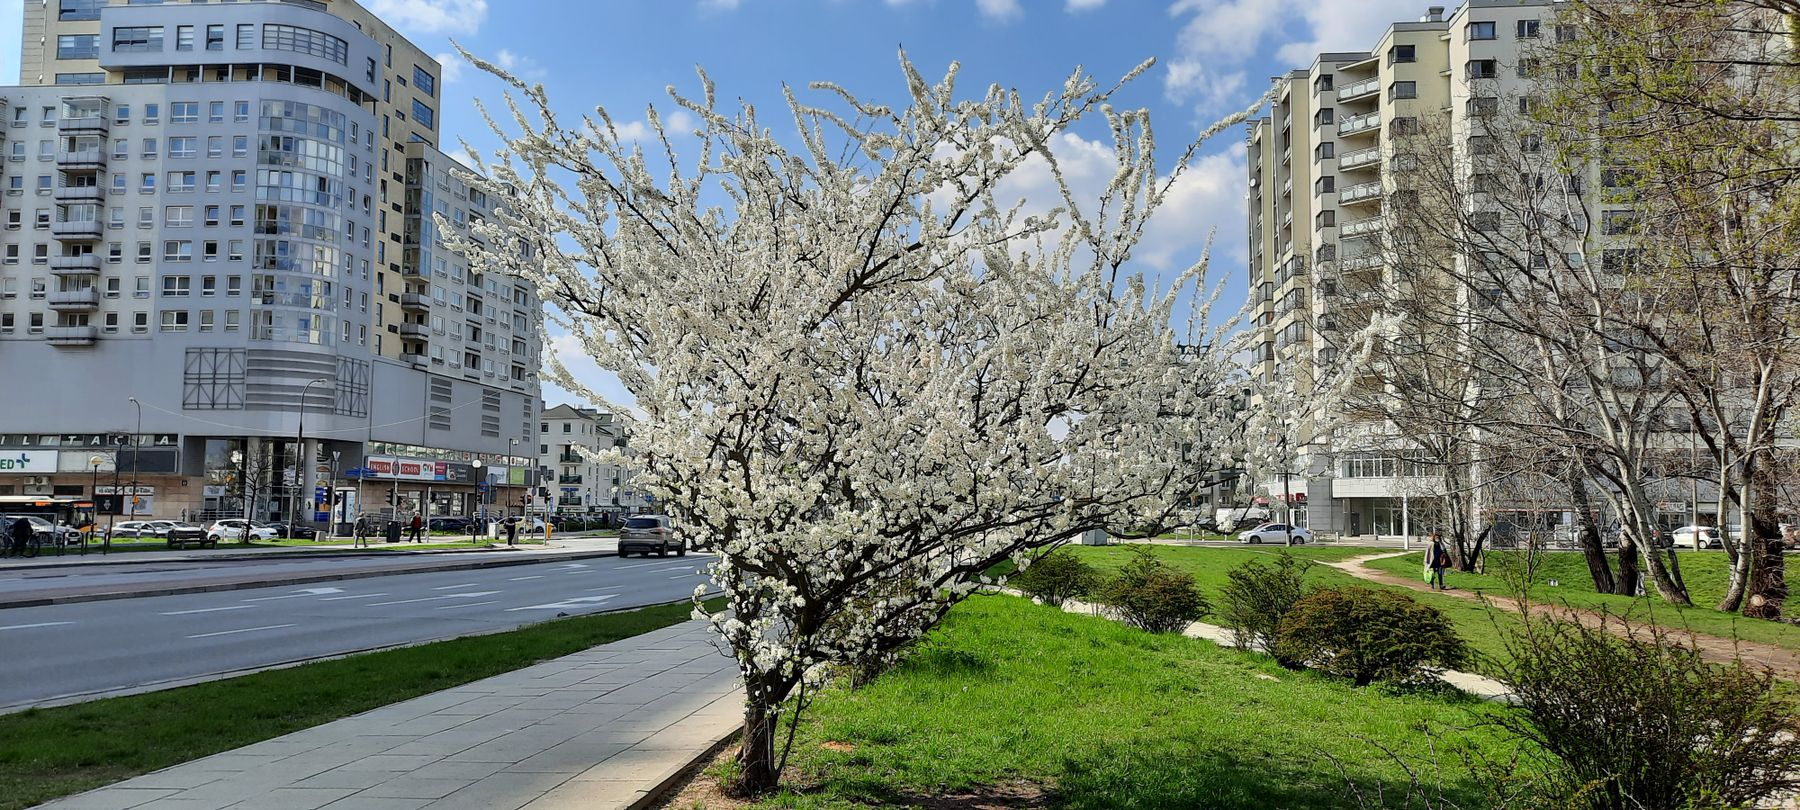 весна в городе весна город Варшава Польша